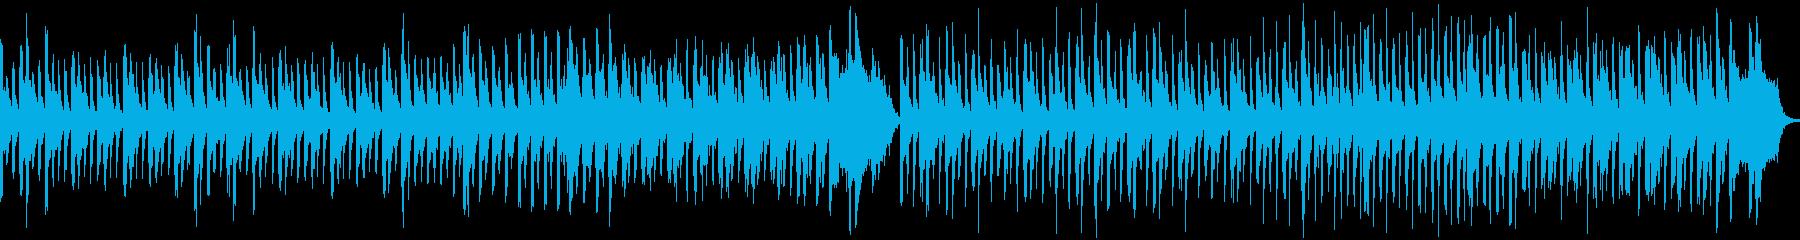 ほのぼのした日常とグロッケン(メロ無し)の再生済みの波形